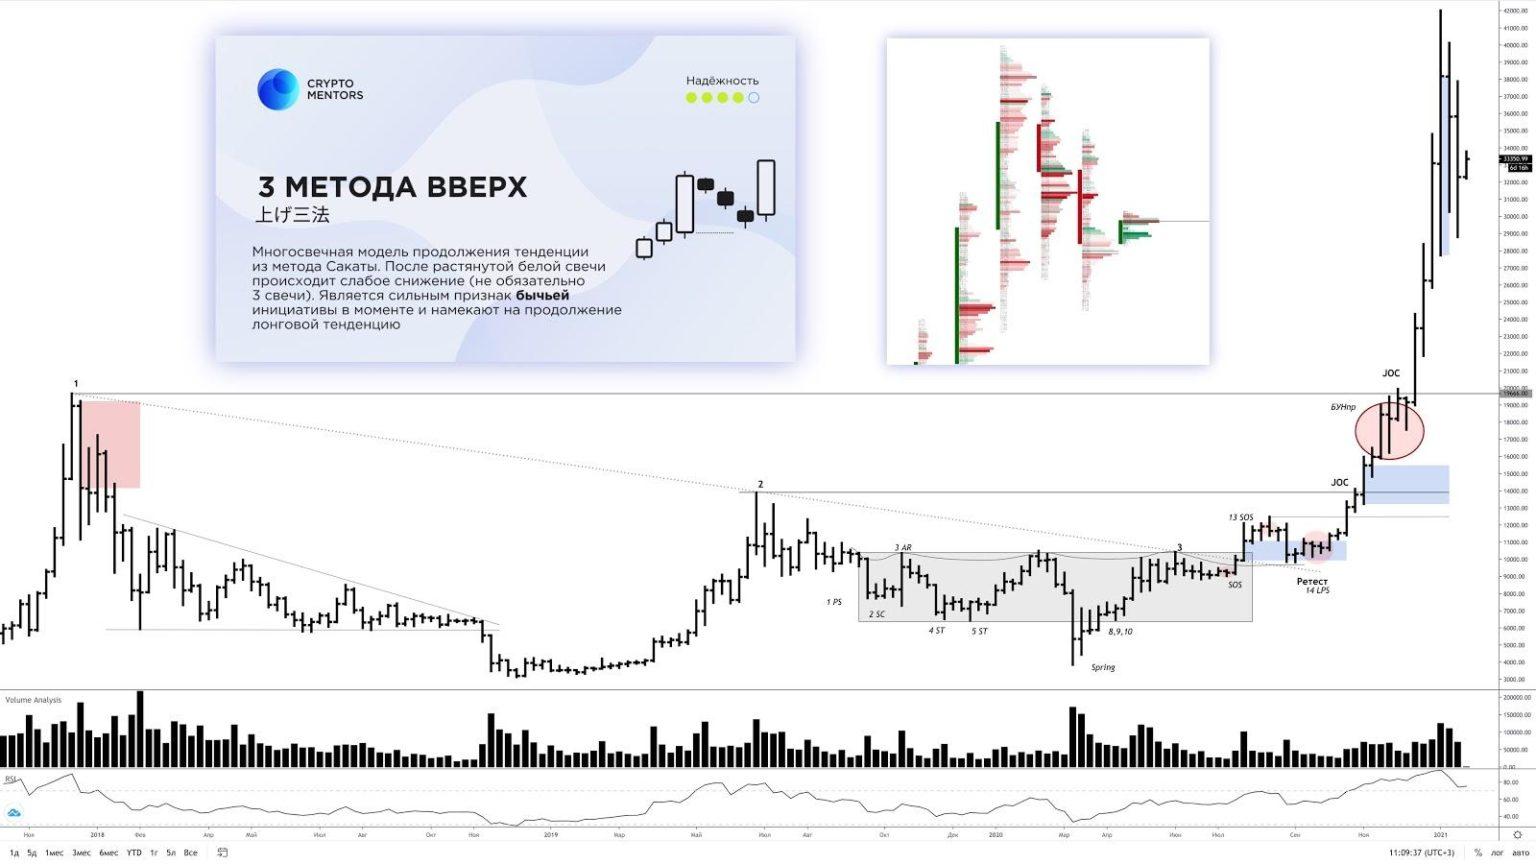 Трейдер рассказал о вероятности падения цены биткоина до $20 000